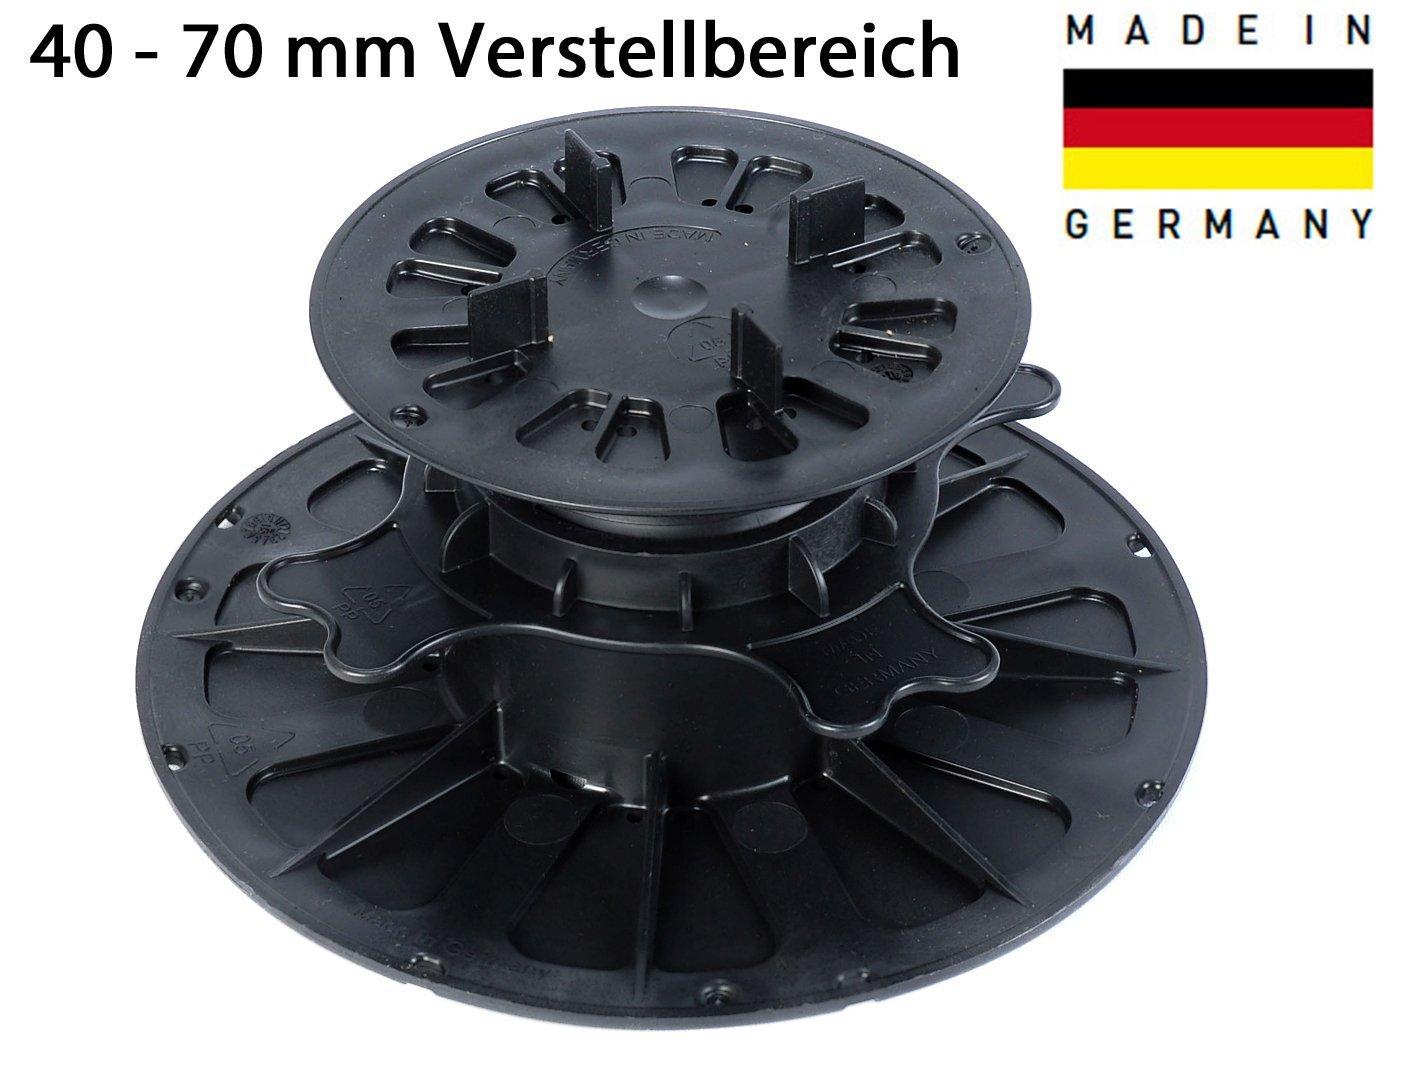 105 Stk., 40-70 mm Plattenlager für Platten, Fliesen, Keramik, Beton, Stein von Gartenwelt Riegelsberger